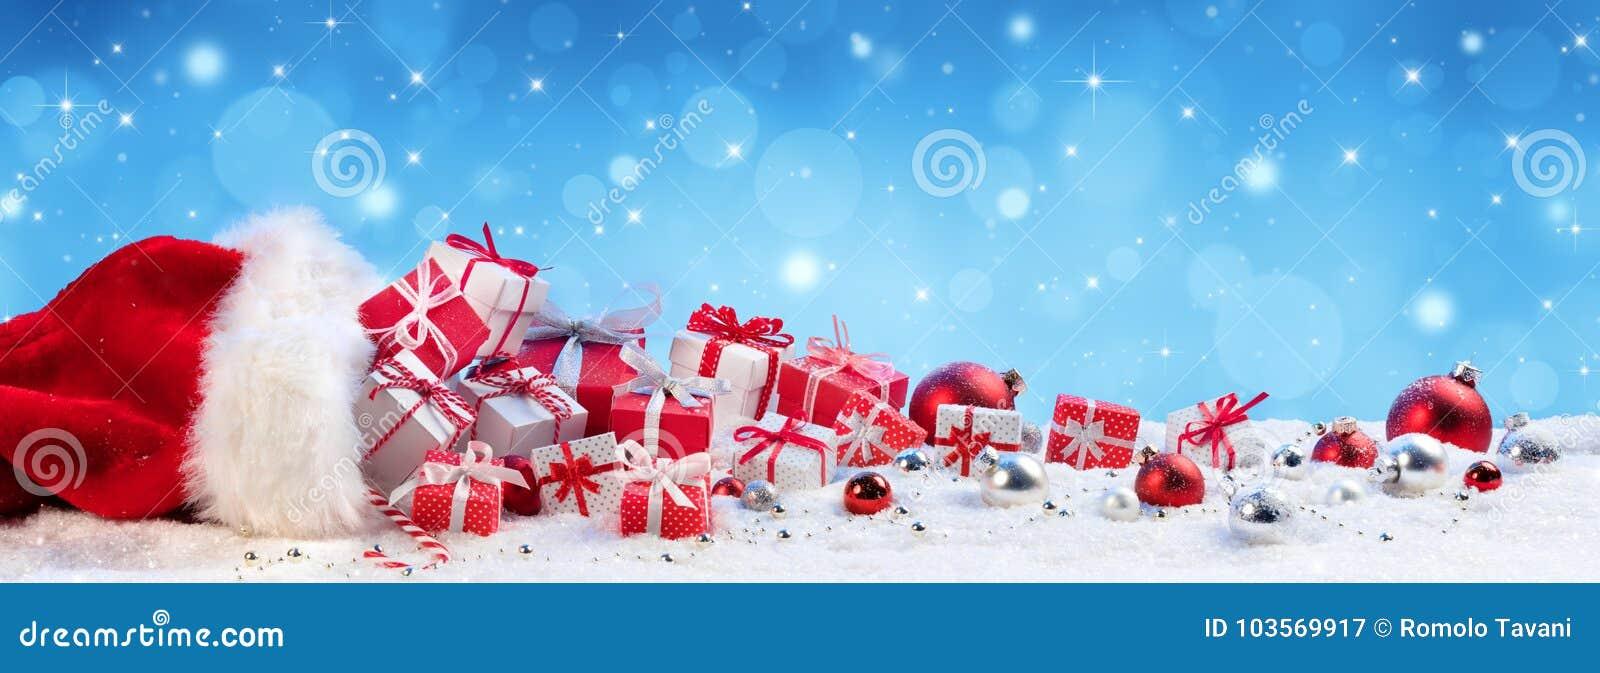 Rode Zak met Aanwezige Kerstmis